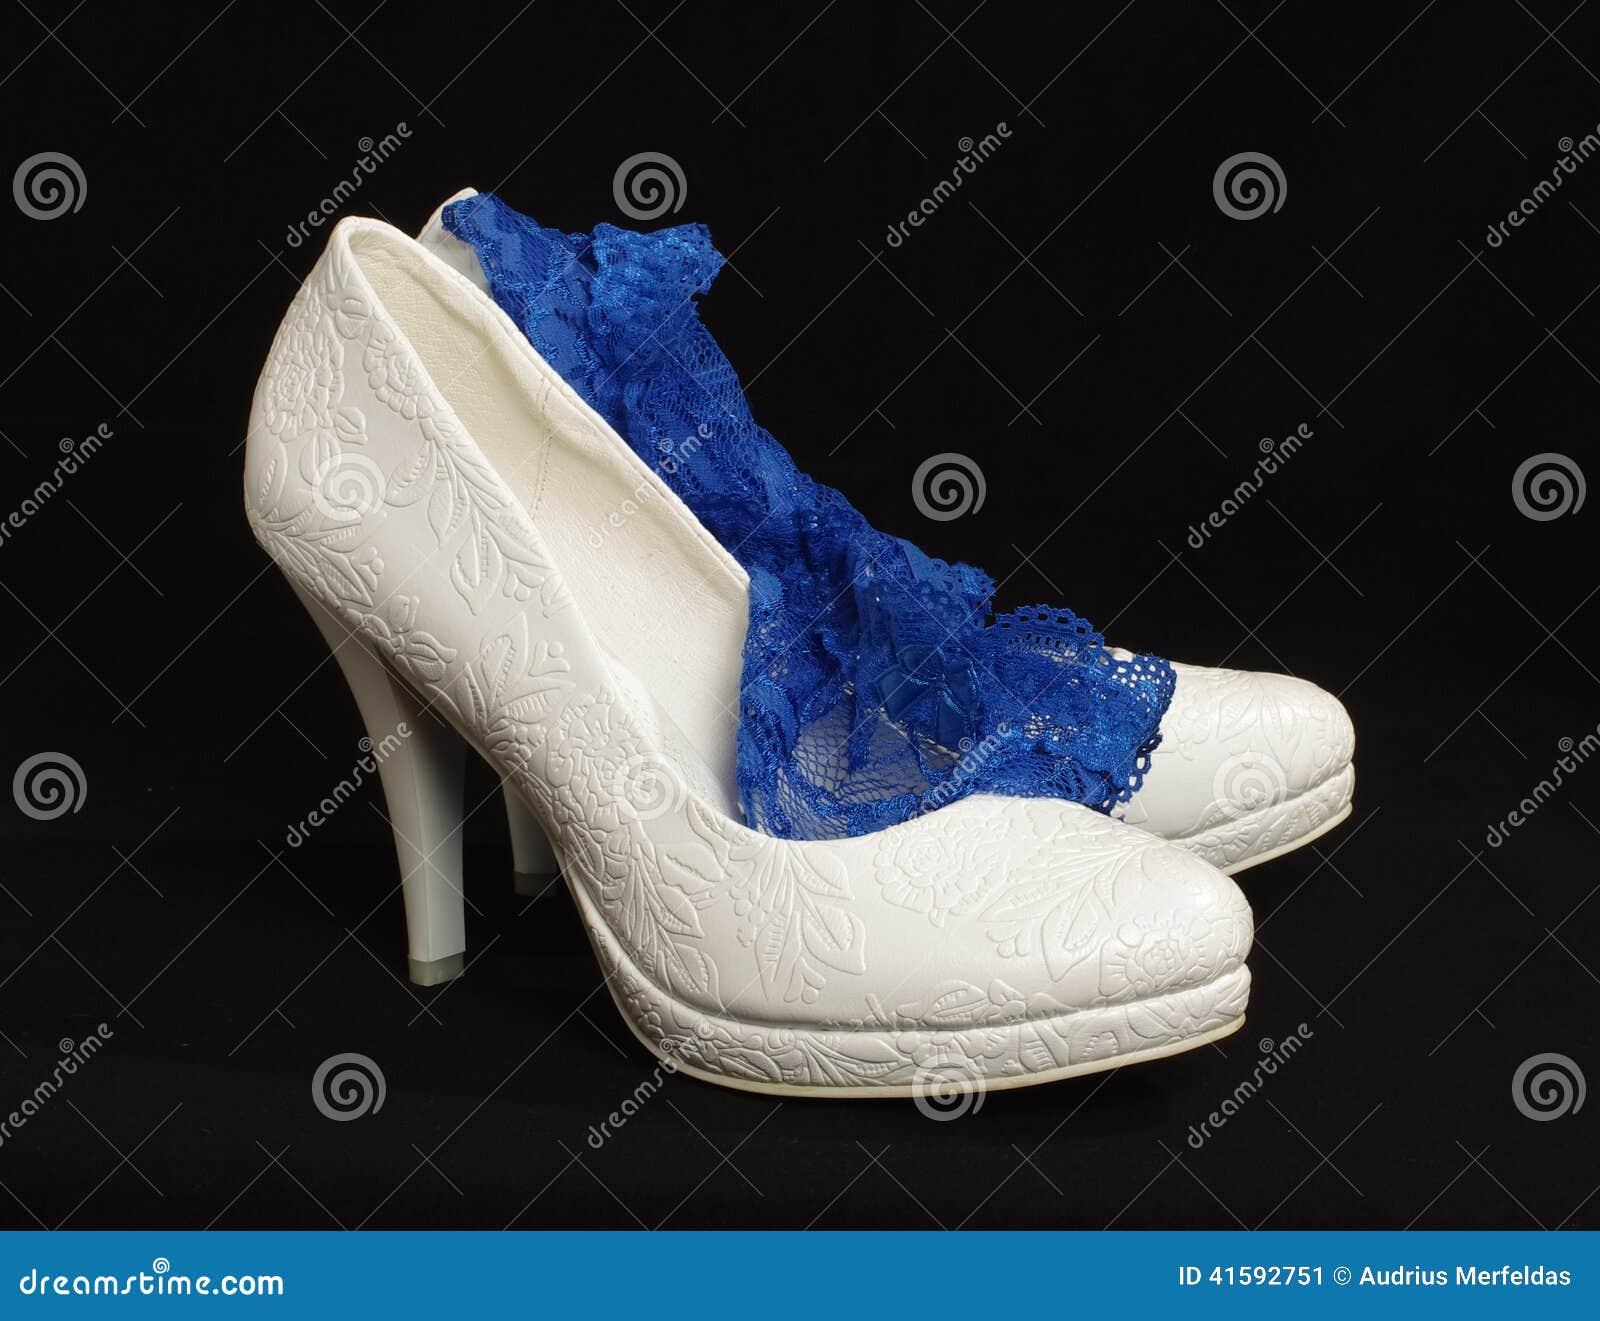 Scarpe Sposa Giarre.Ri5e1a6d5 Le Scarpe E Giarrettiera Della Sposa Fotografia Stock